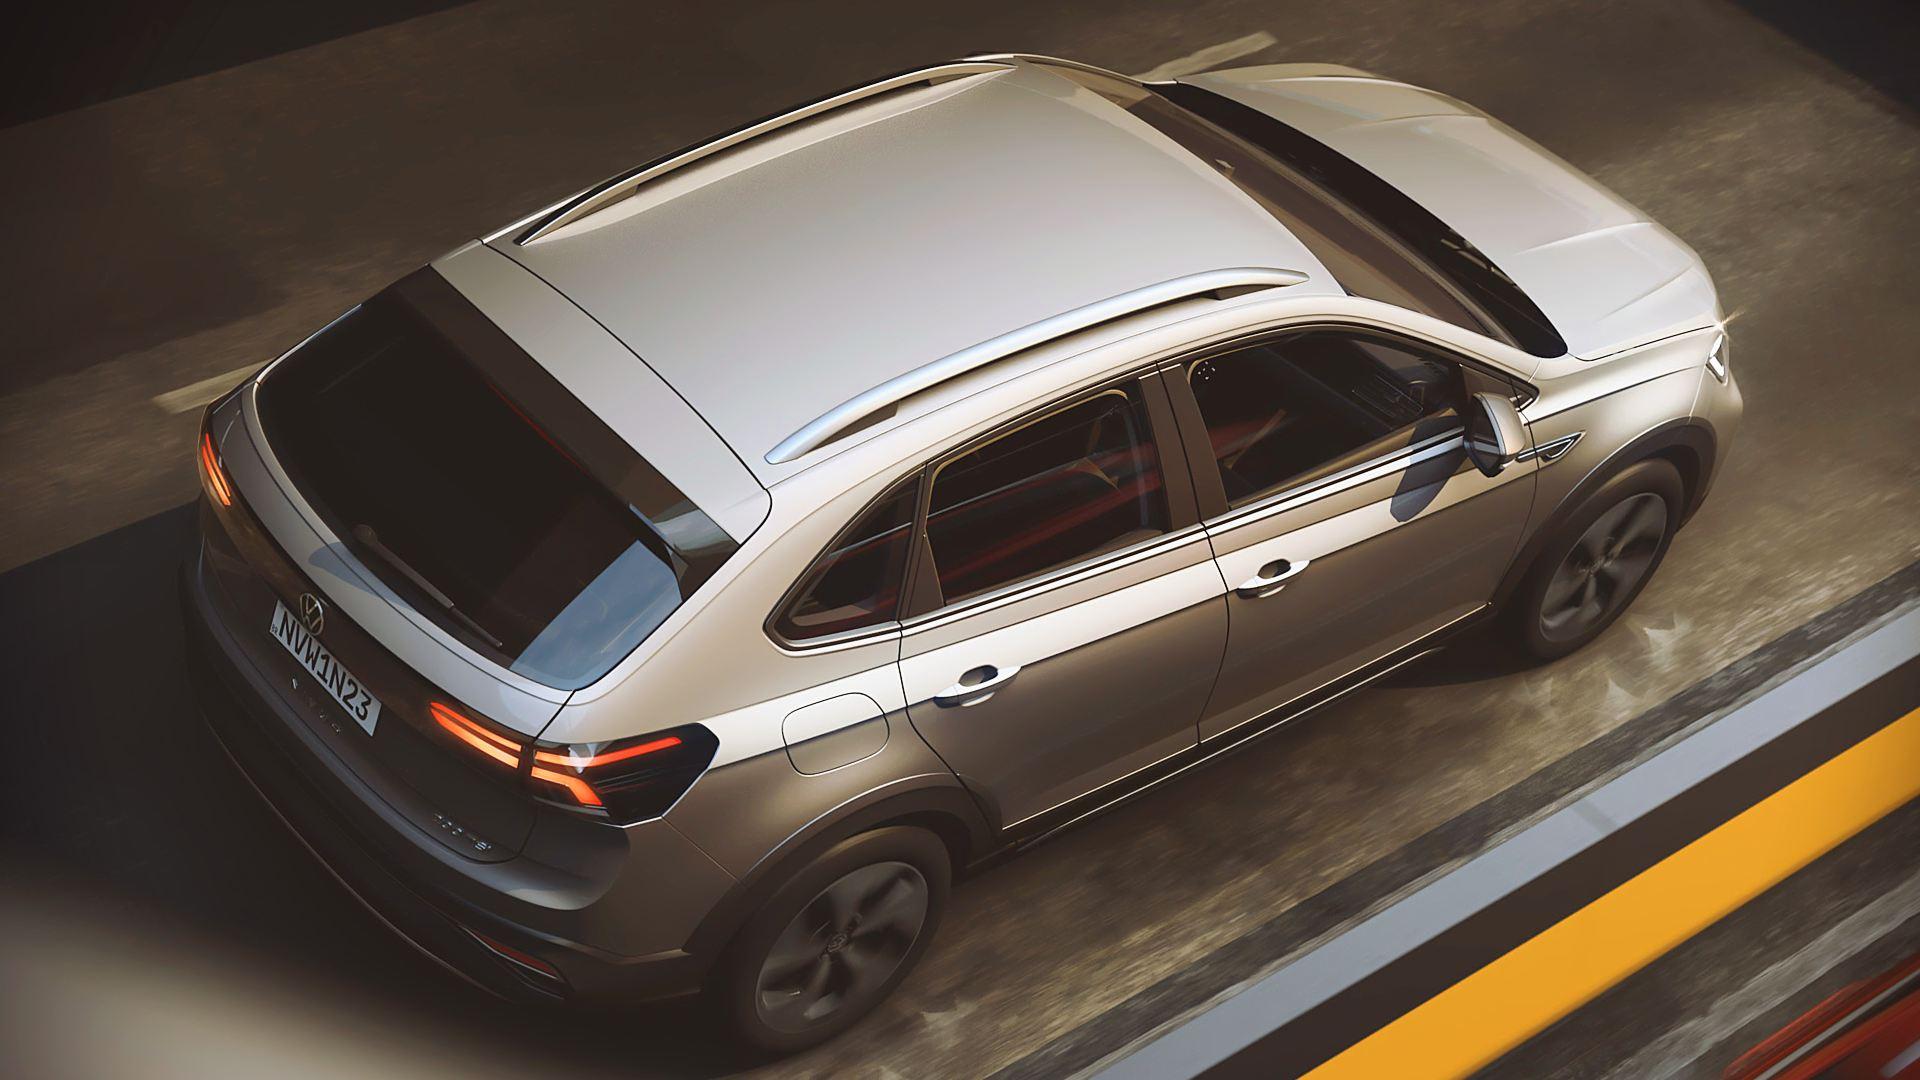 2021 Volkswagen Nivus SUV Crossover Images